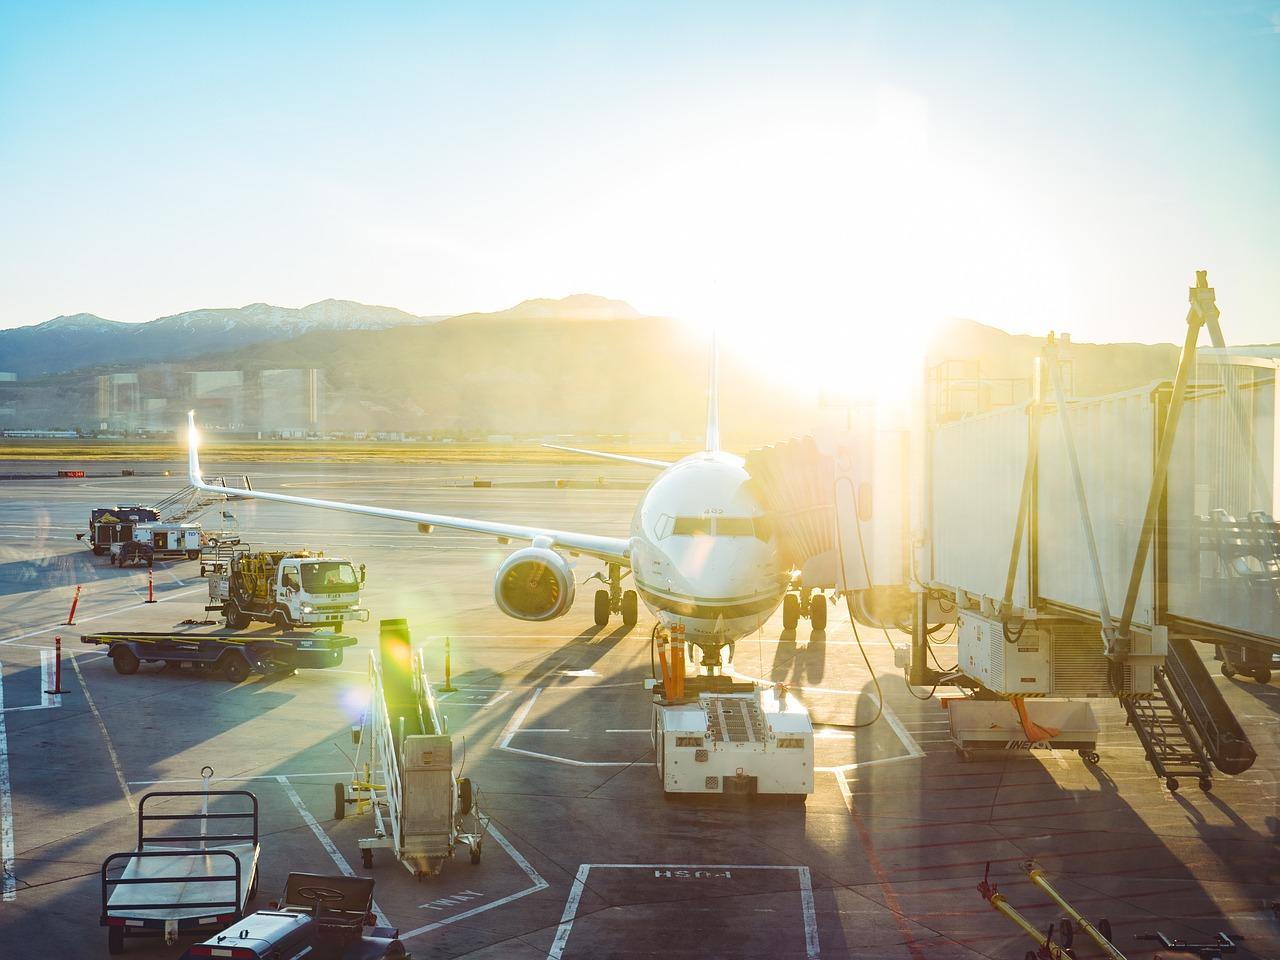 Odprawa na lotnisku: przed wejściem do samolotu